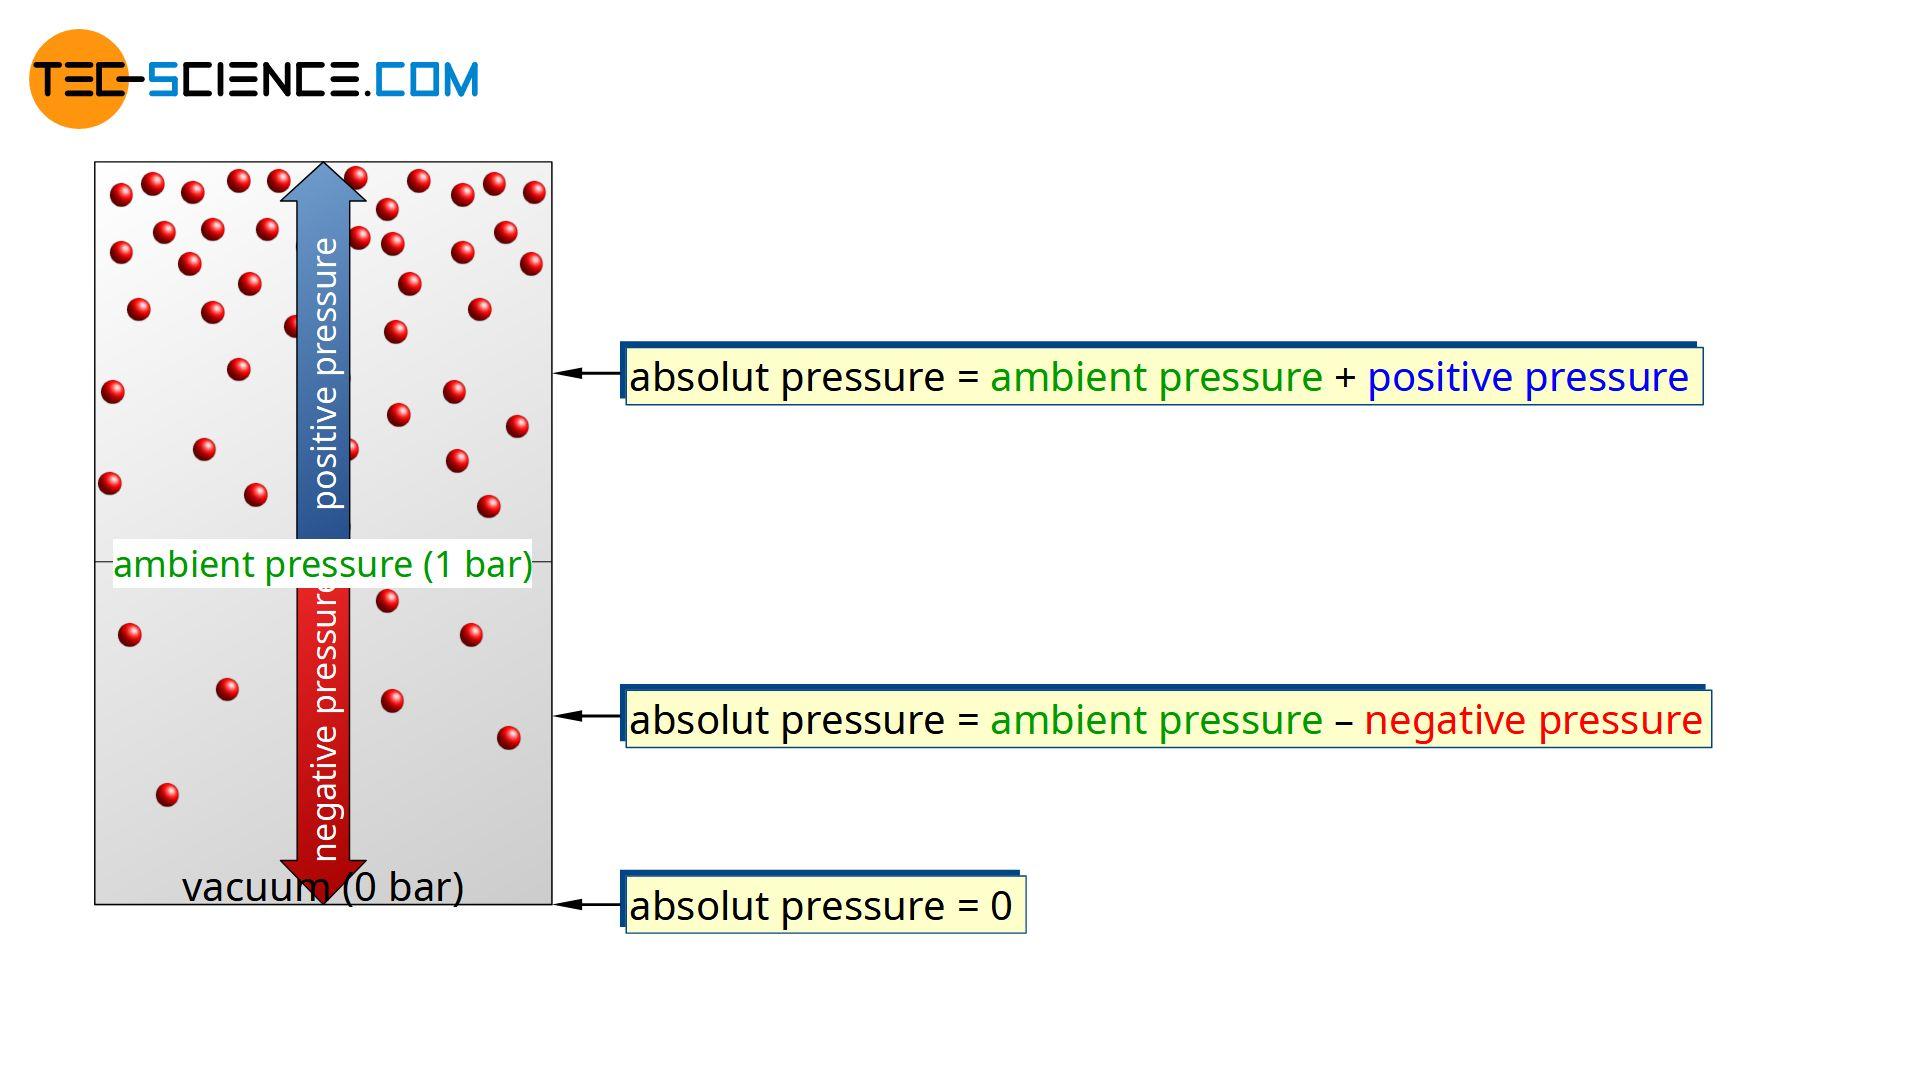 Absolute pressure, positive pressure, negative pressure and vacuum